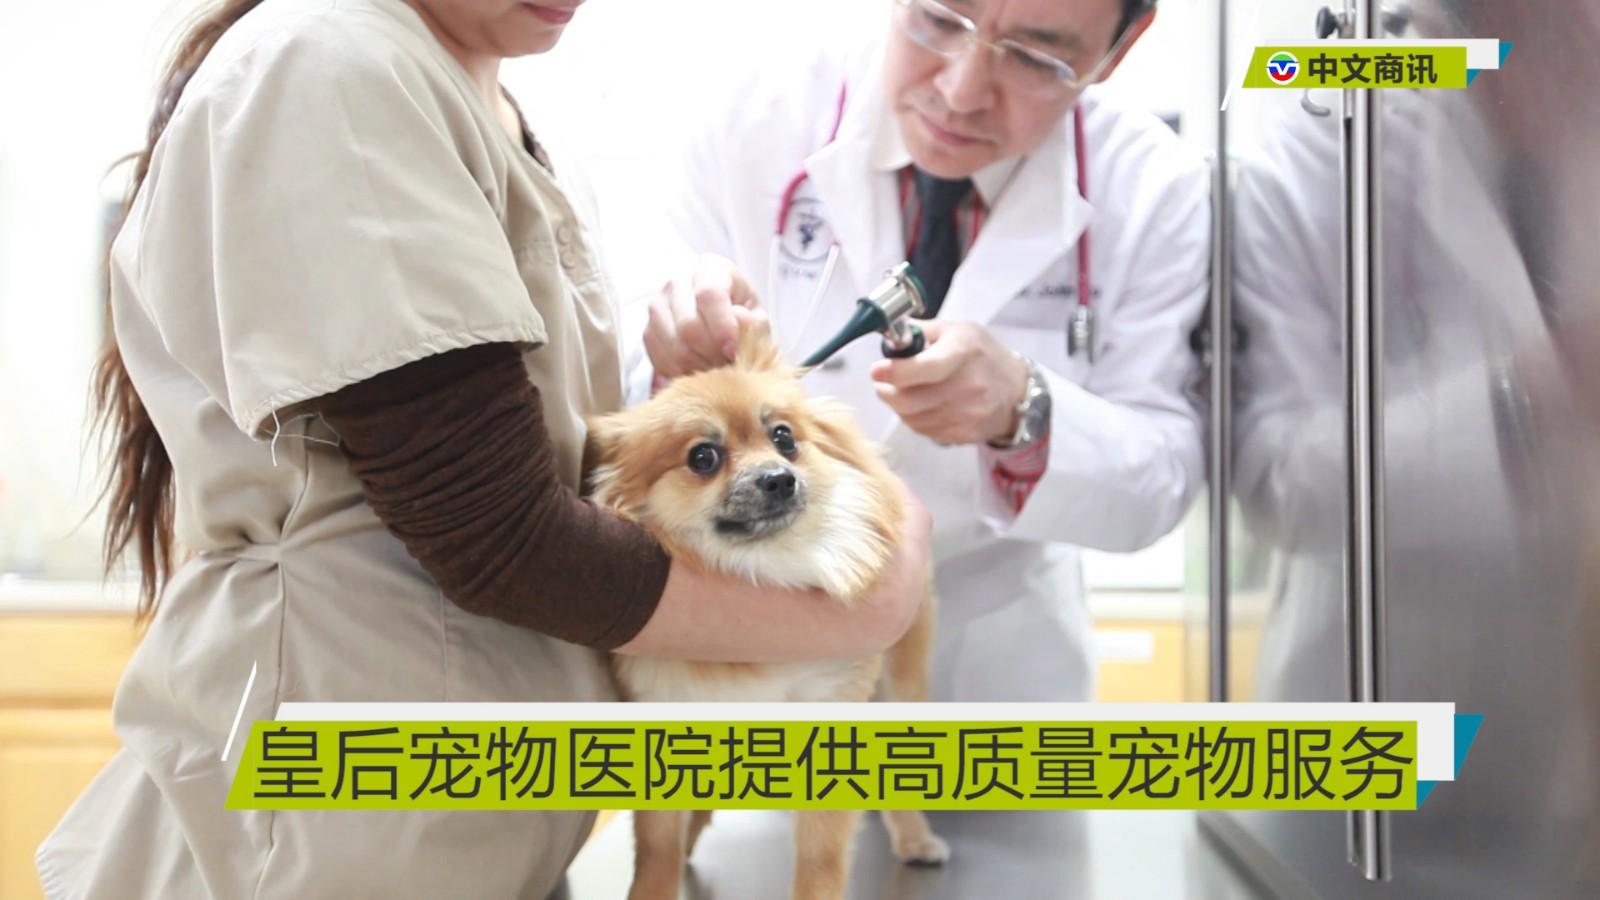 【视频】皇后宠物医院提供高质量宠物服务